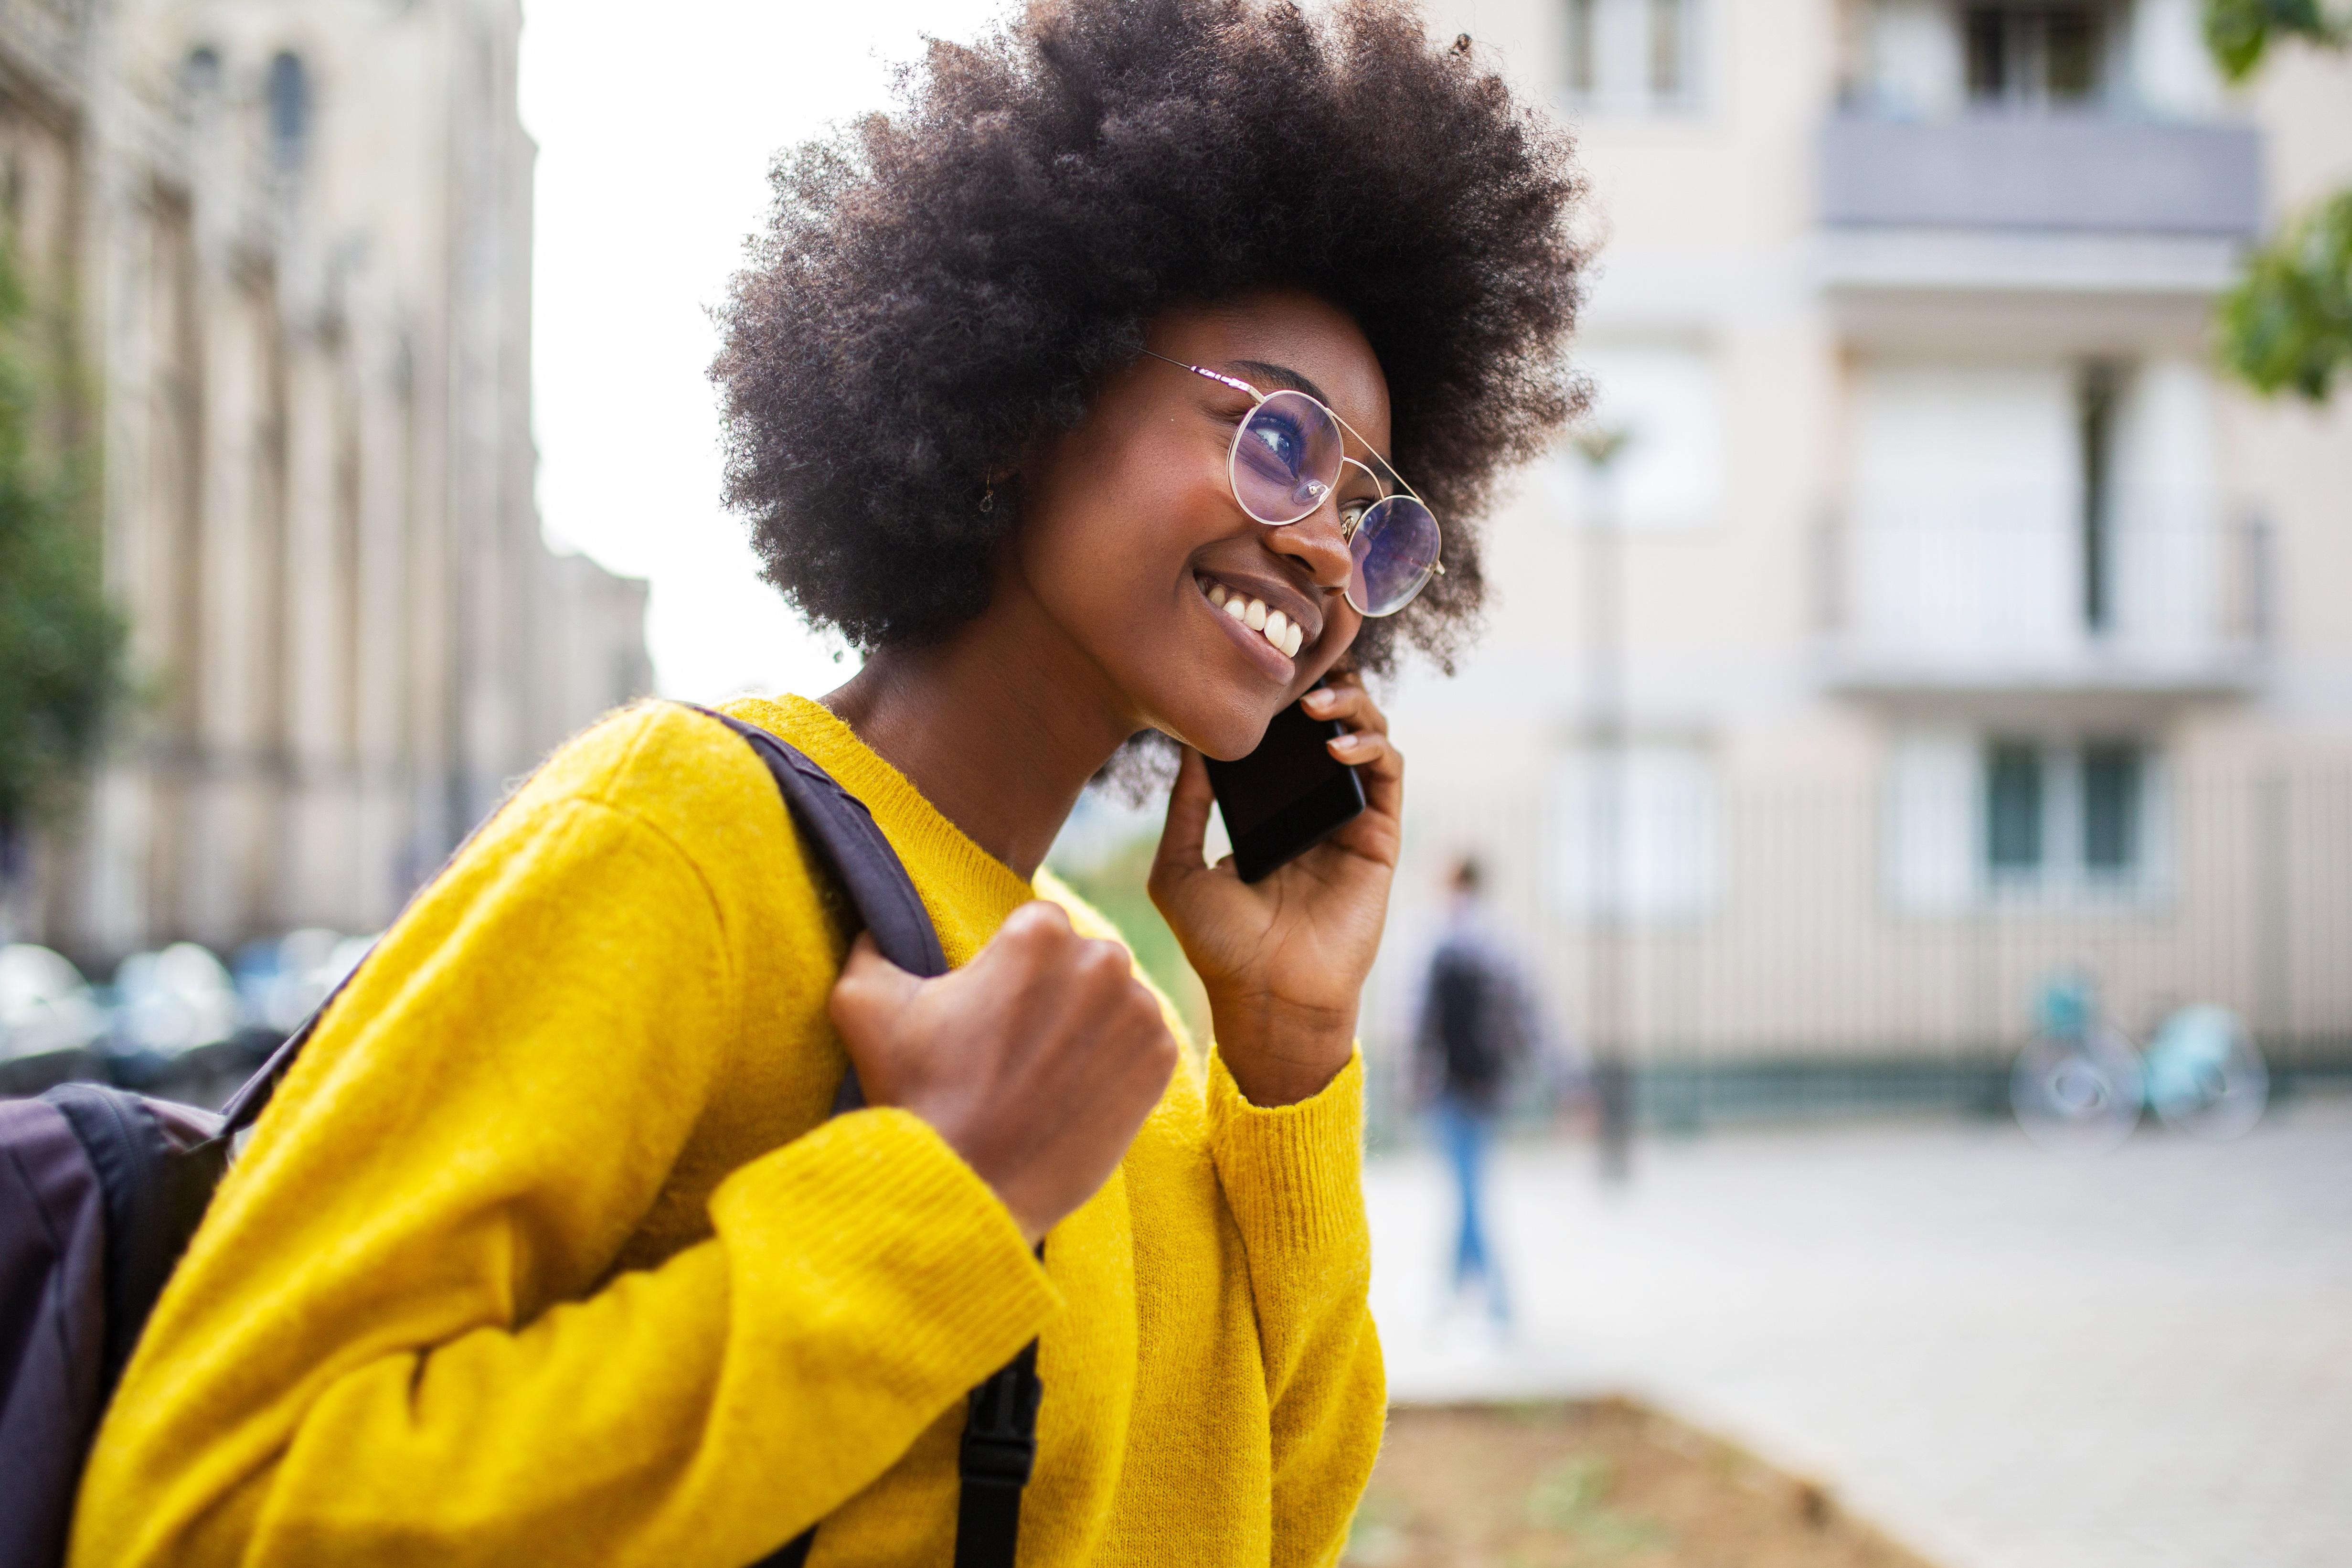 Junge Frau-mit Smartphone-Rucksack-gelbe